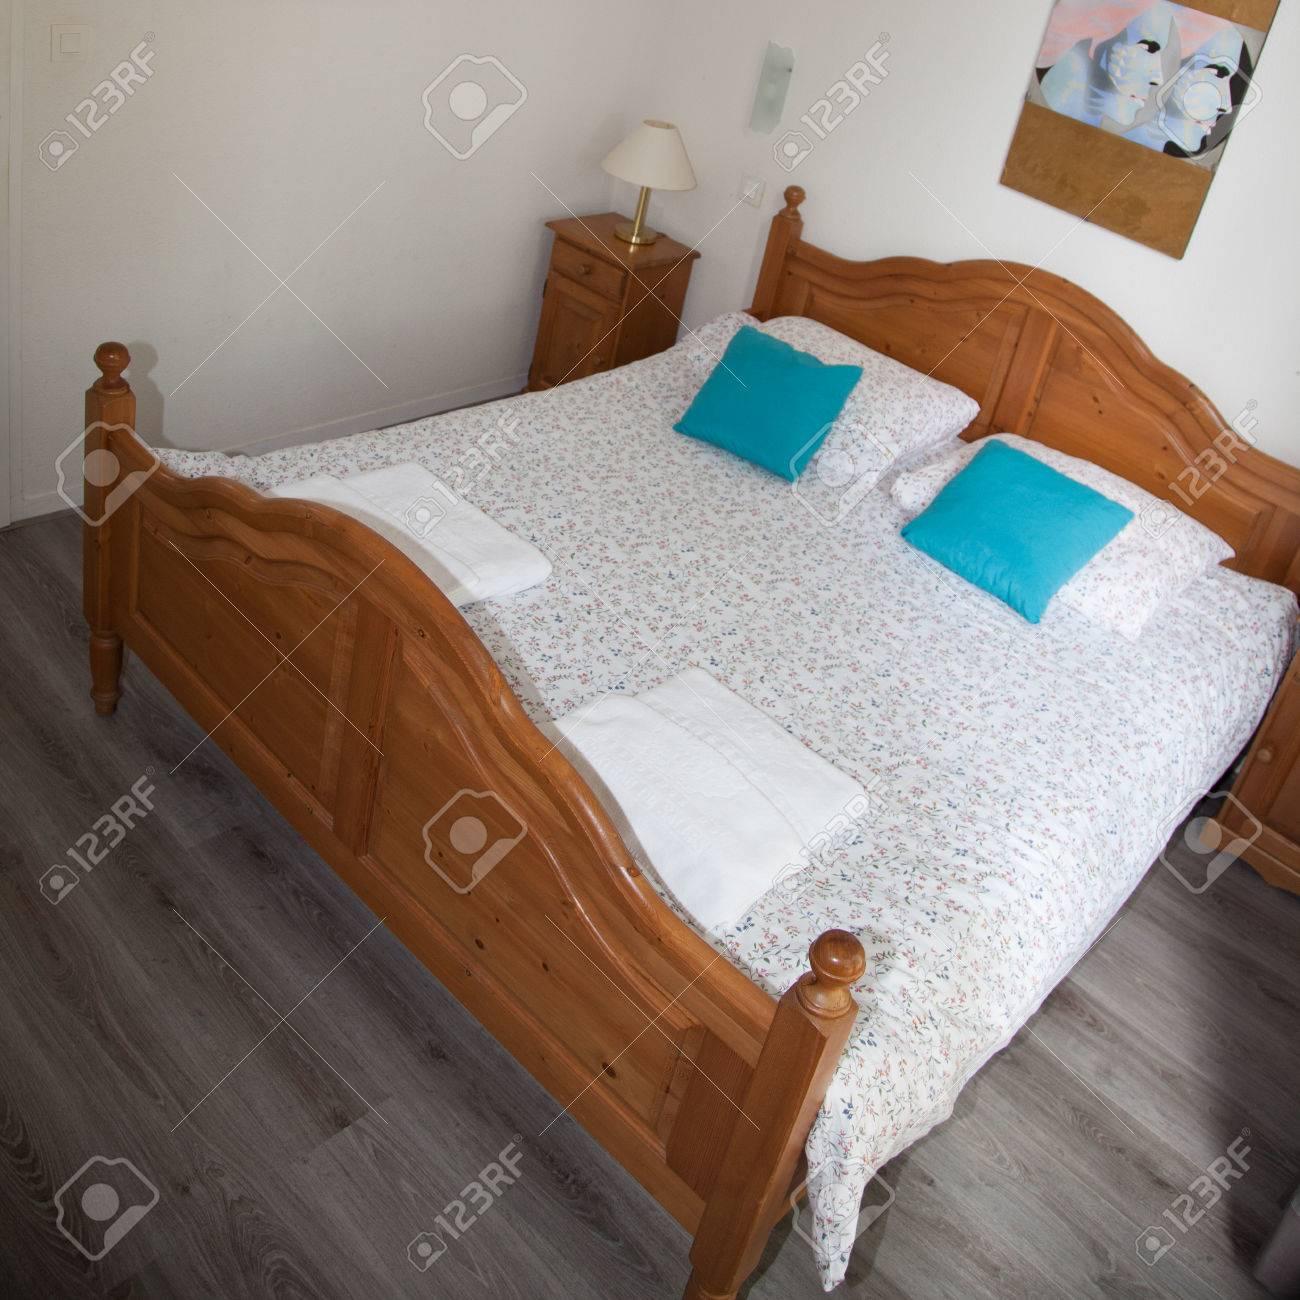 Doppelbett Im Schlafzimmer Mit Schreibtisch-Lampe In Der Nähe Davon ...